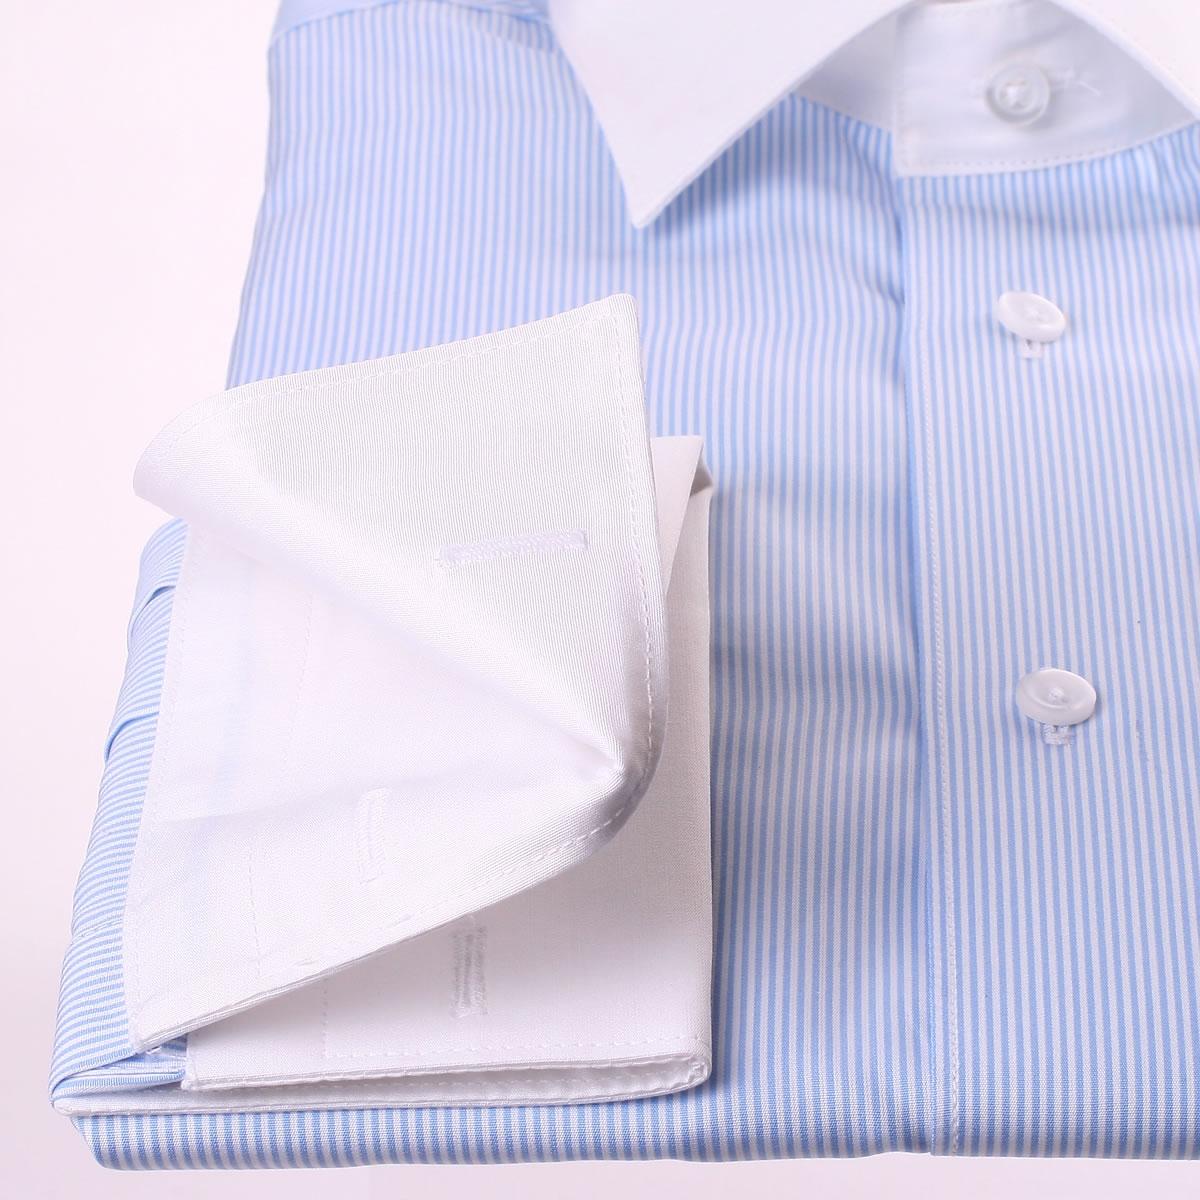 wei und blau gestreiftes hemd mit wei em kragen und. Black Bedroom Furniture Sets. Home Design Ideas